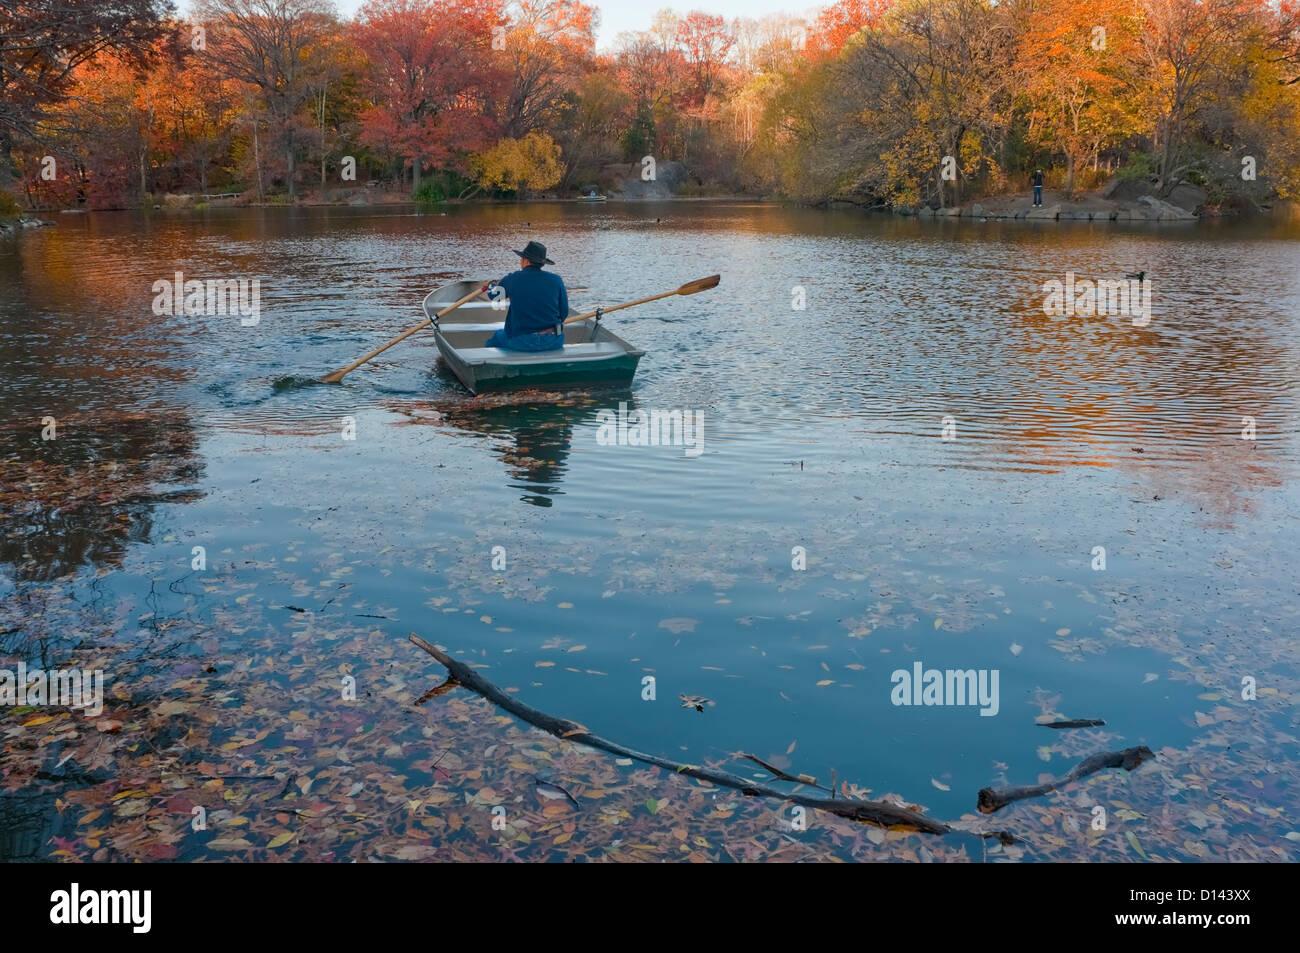 New York, NY - 19 de noviembre de 2010 Hombre remando un bote en el lago en Central Park. Imagen De Stock